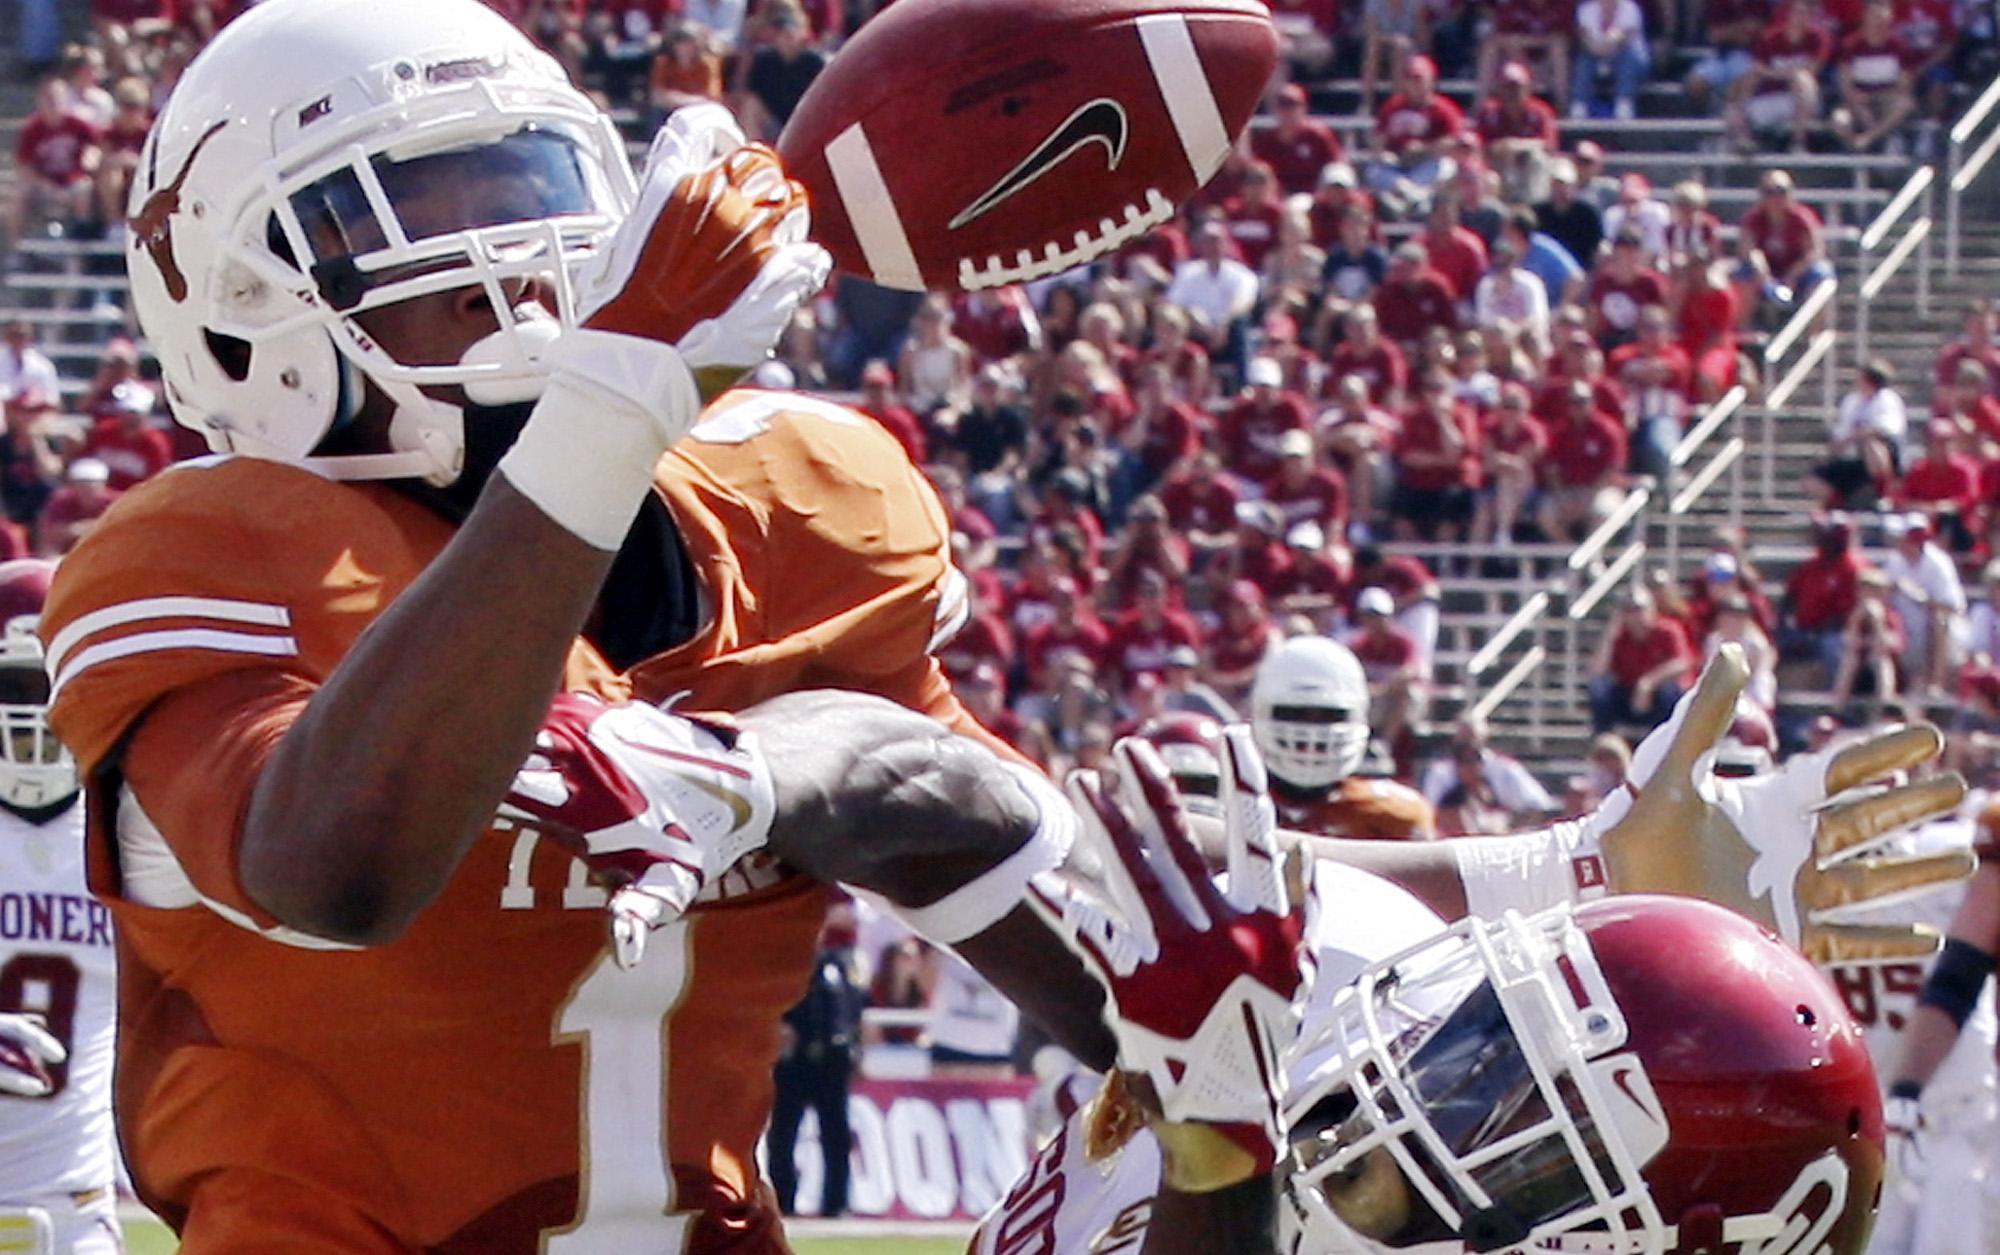 Texas-OU football game to air on FS1 - San Antonio Express ...